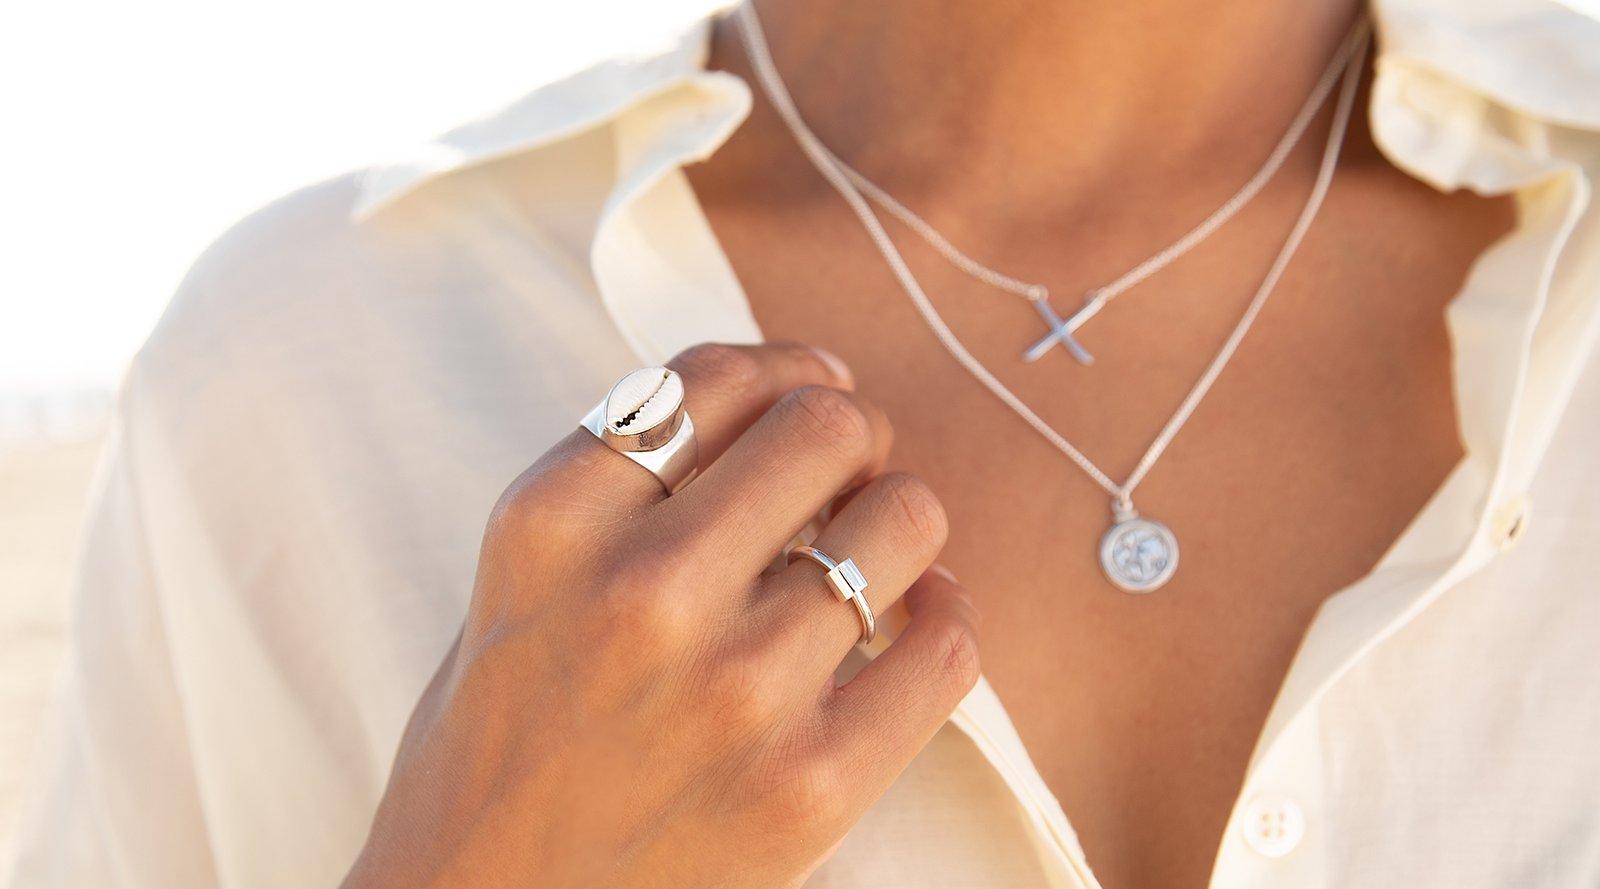 Initialen sieraden: een van de meest populaire sieraden